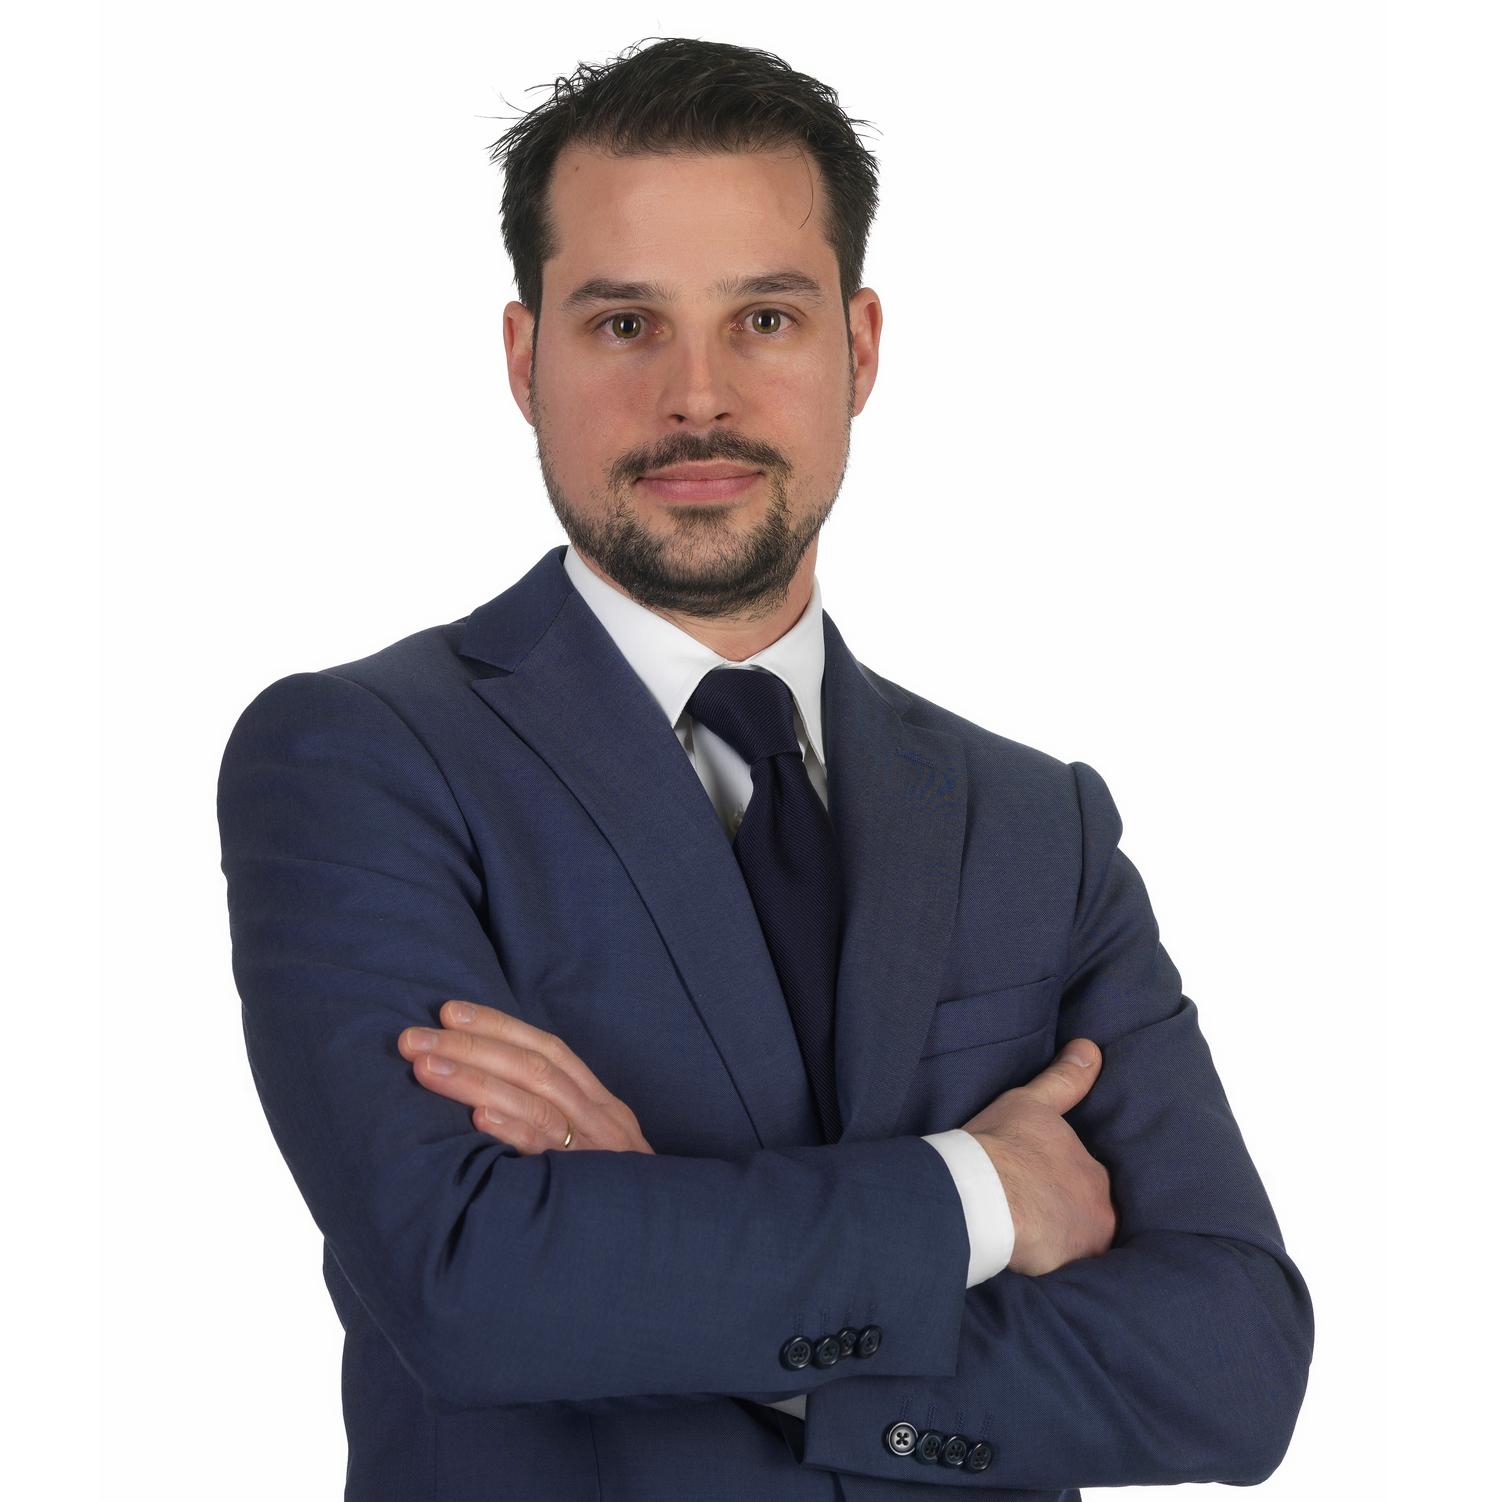 Riccardo Cavallini